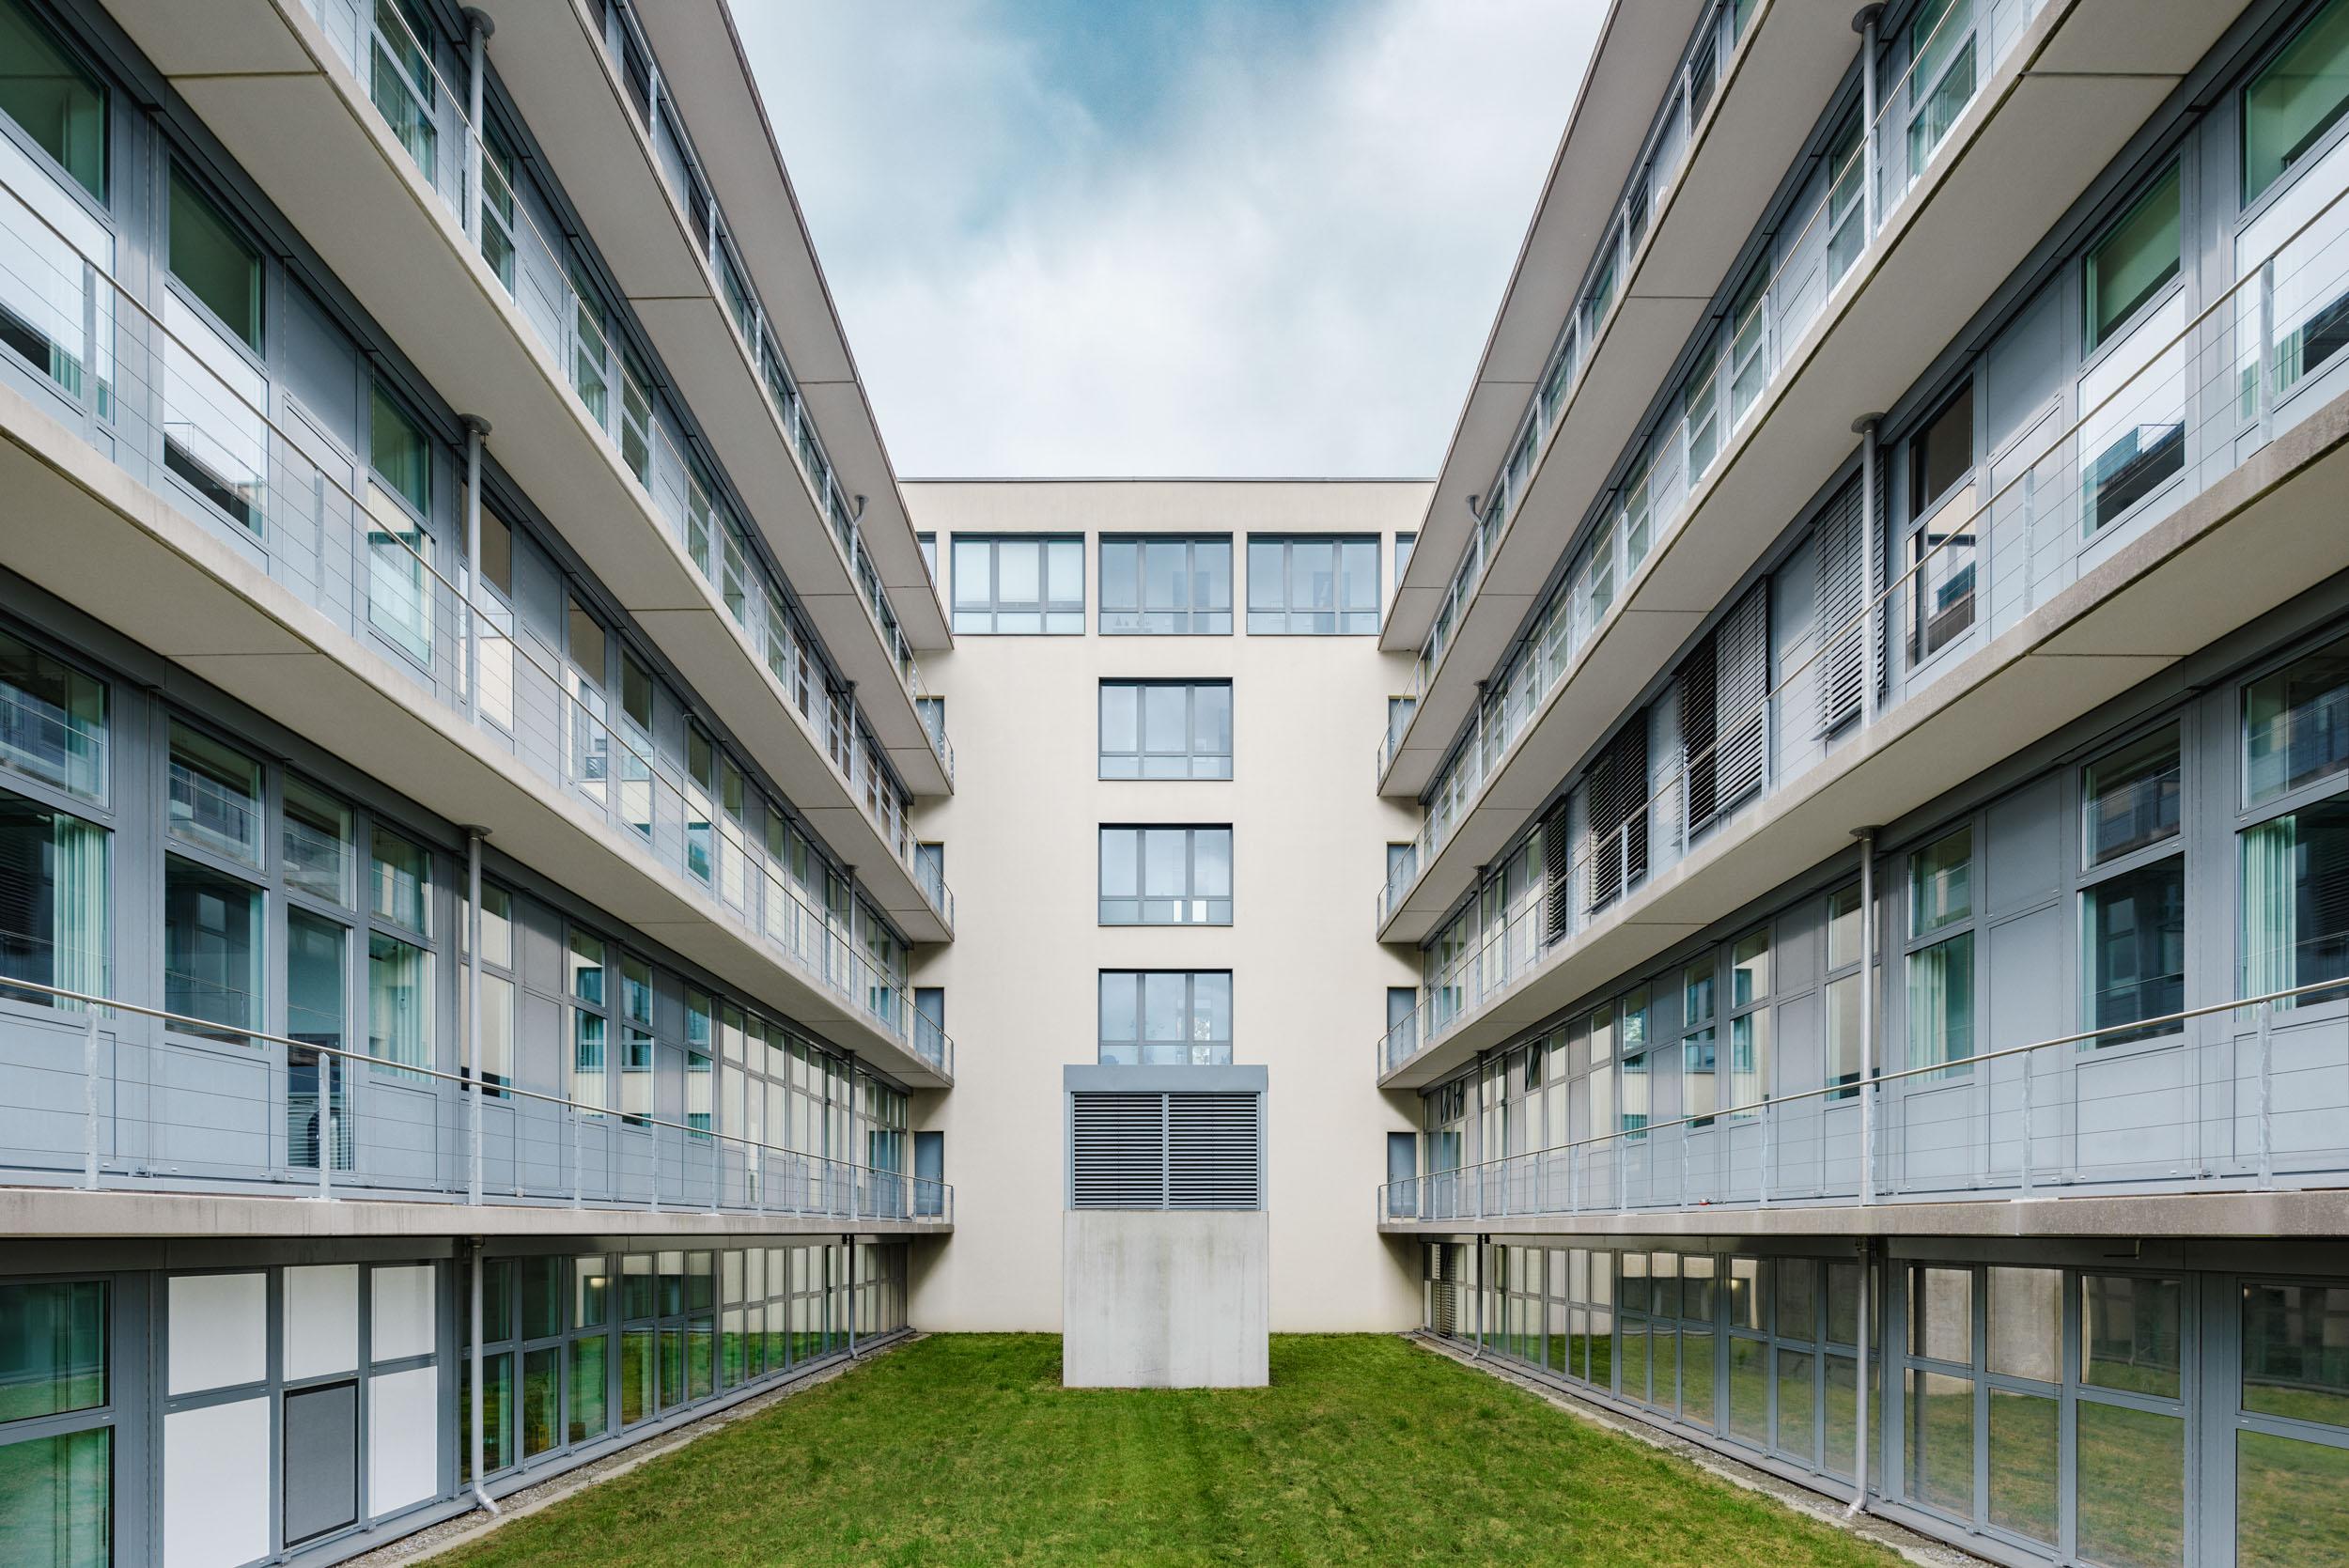 Gustav-Epple-Bauunternehmung-Tübingen-Biotech_MLX8343#00